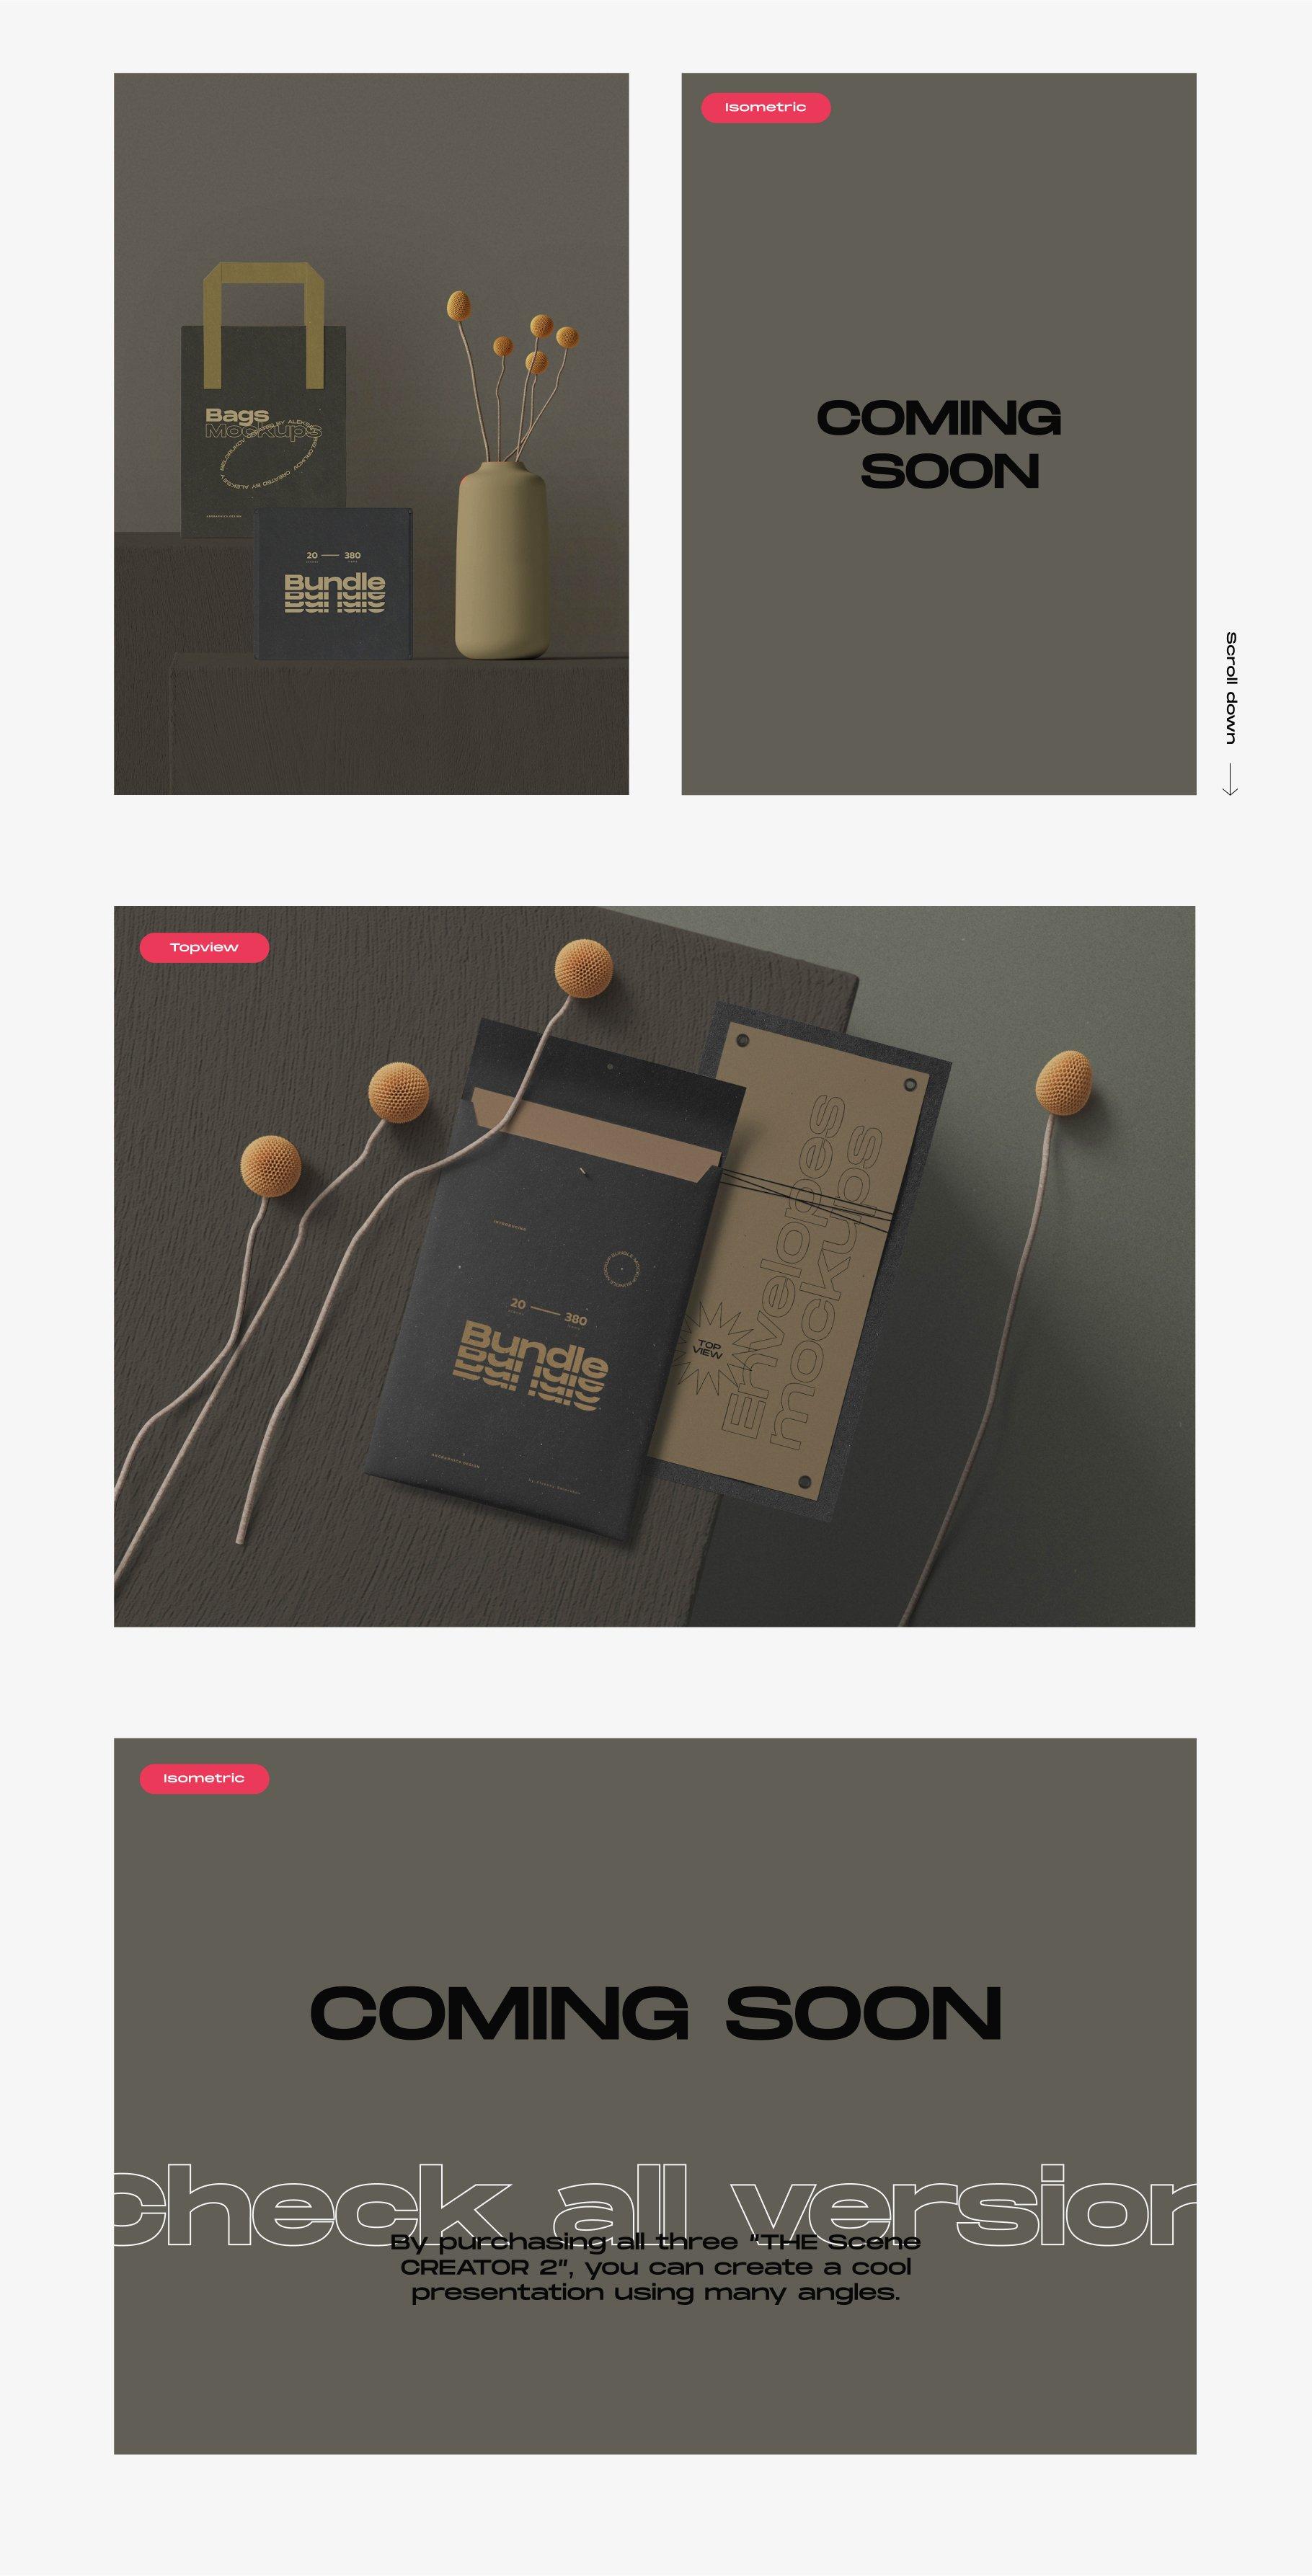 [淘宝购买] 超大品牌VI包装设计PS智能贴图样机模板素材 The Scene Creator 2 / Frontview插图(13)